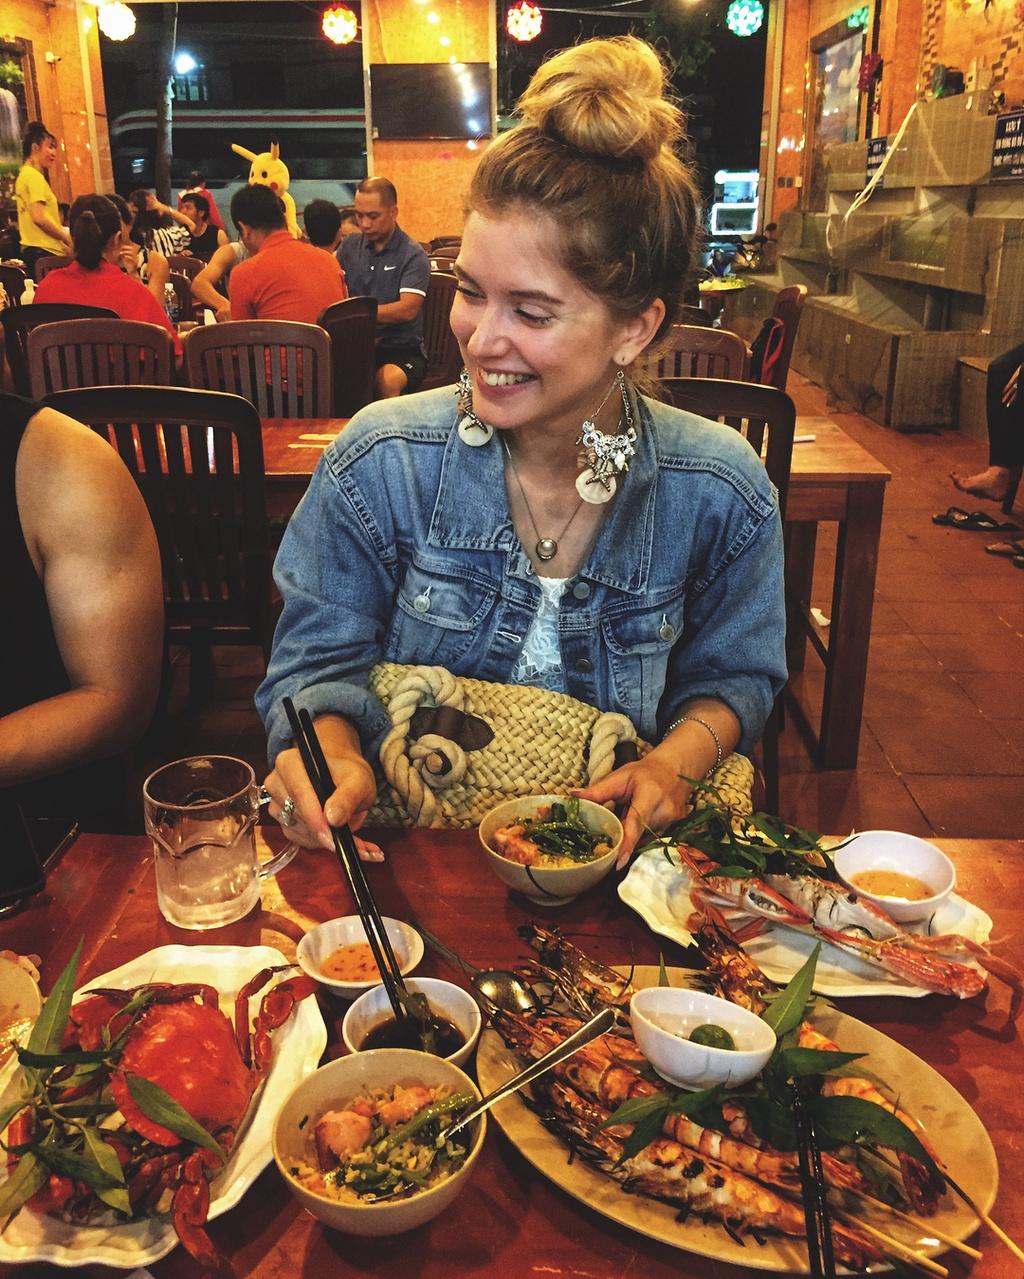 5 nha hang hai san ngon, gia ca hop ly o Phu Quoc hinh anh 13  - ra_khoi__kriiistik_1 - 5 nhà hàng hải sản ngon, giá cả hợp lý ở Phú Quốc